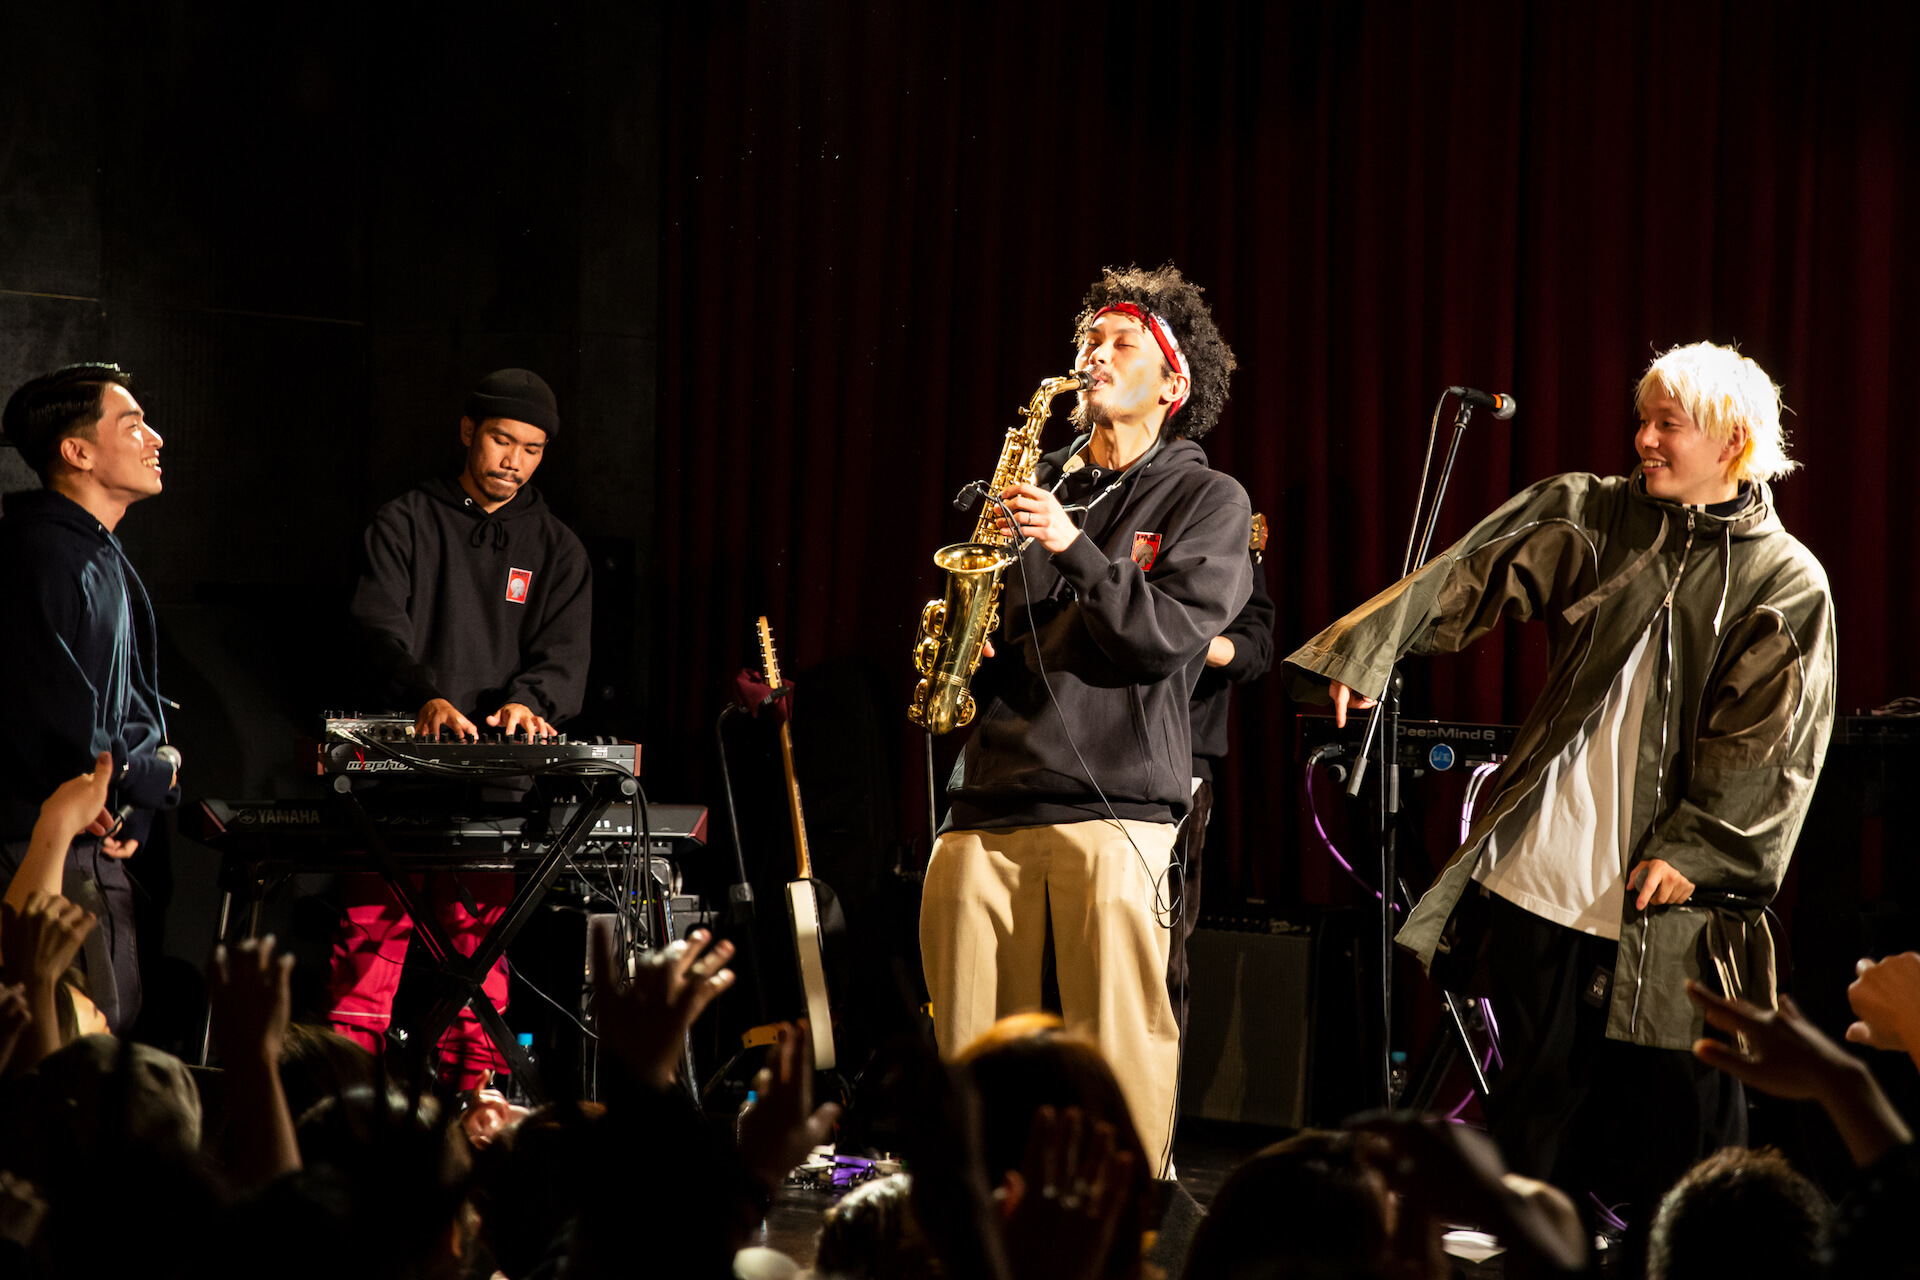 SIRUP擁する次世代アートコレクティブ・Soulflex、初のワンマンライブで地元大阪を魅了|ビルボードライブでのShin Sakiuraとのツーマンライブも発表 music_191220_soulflex5